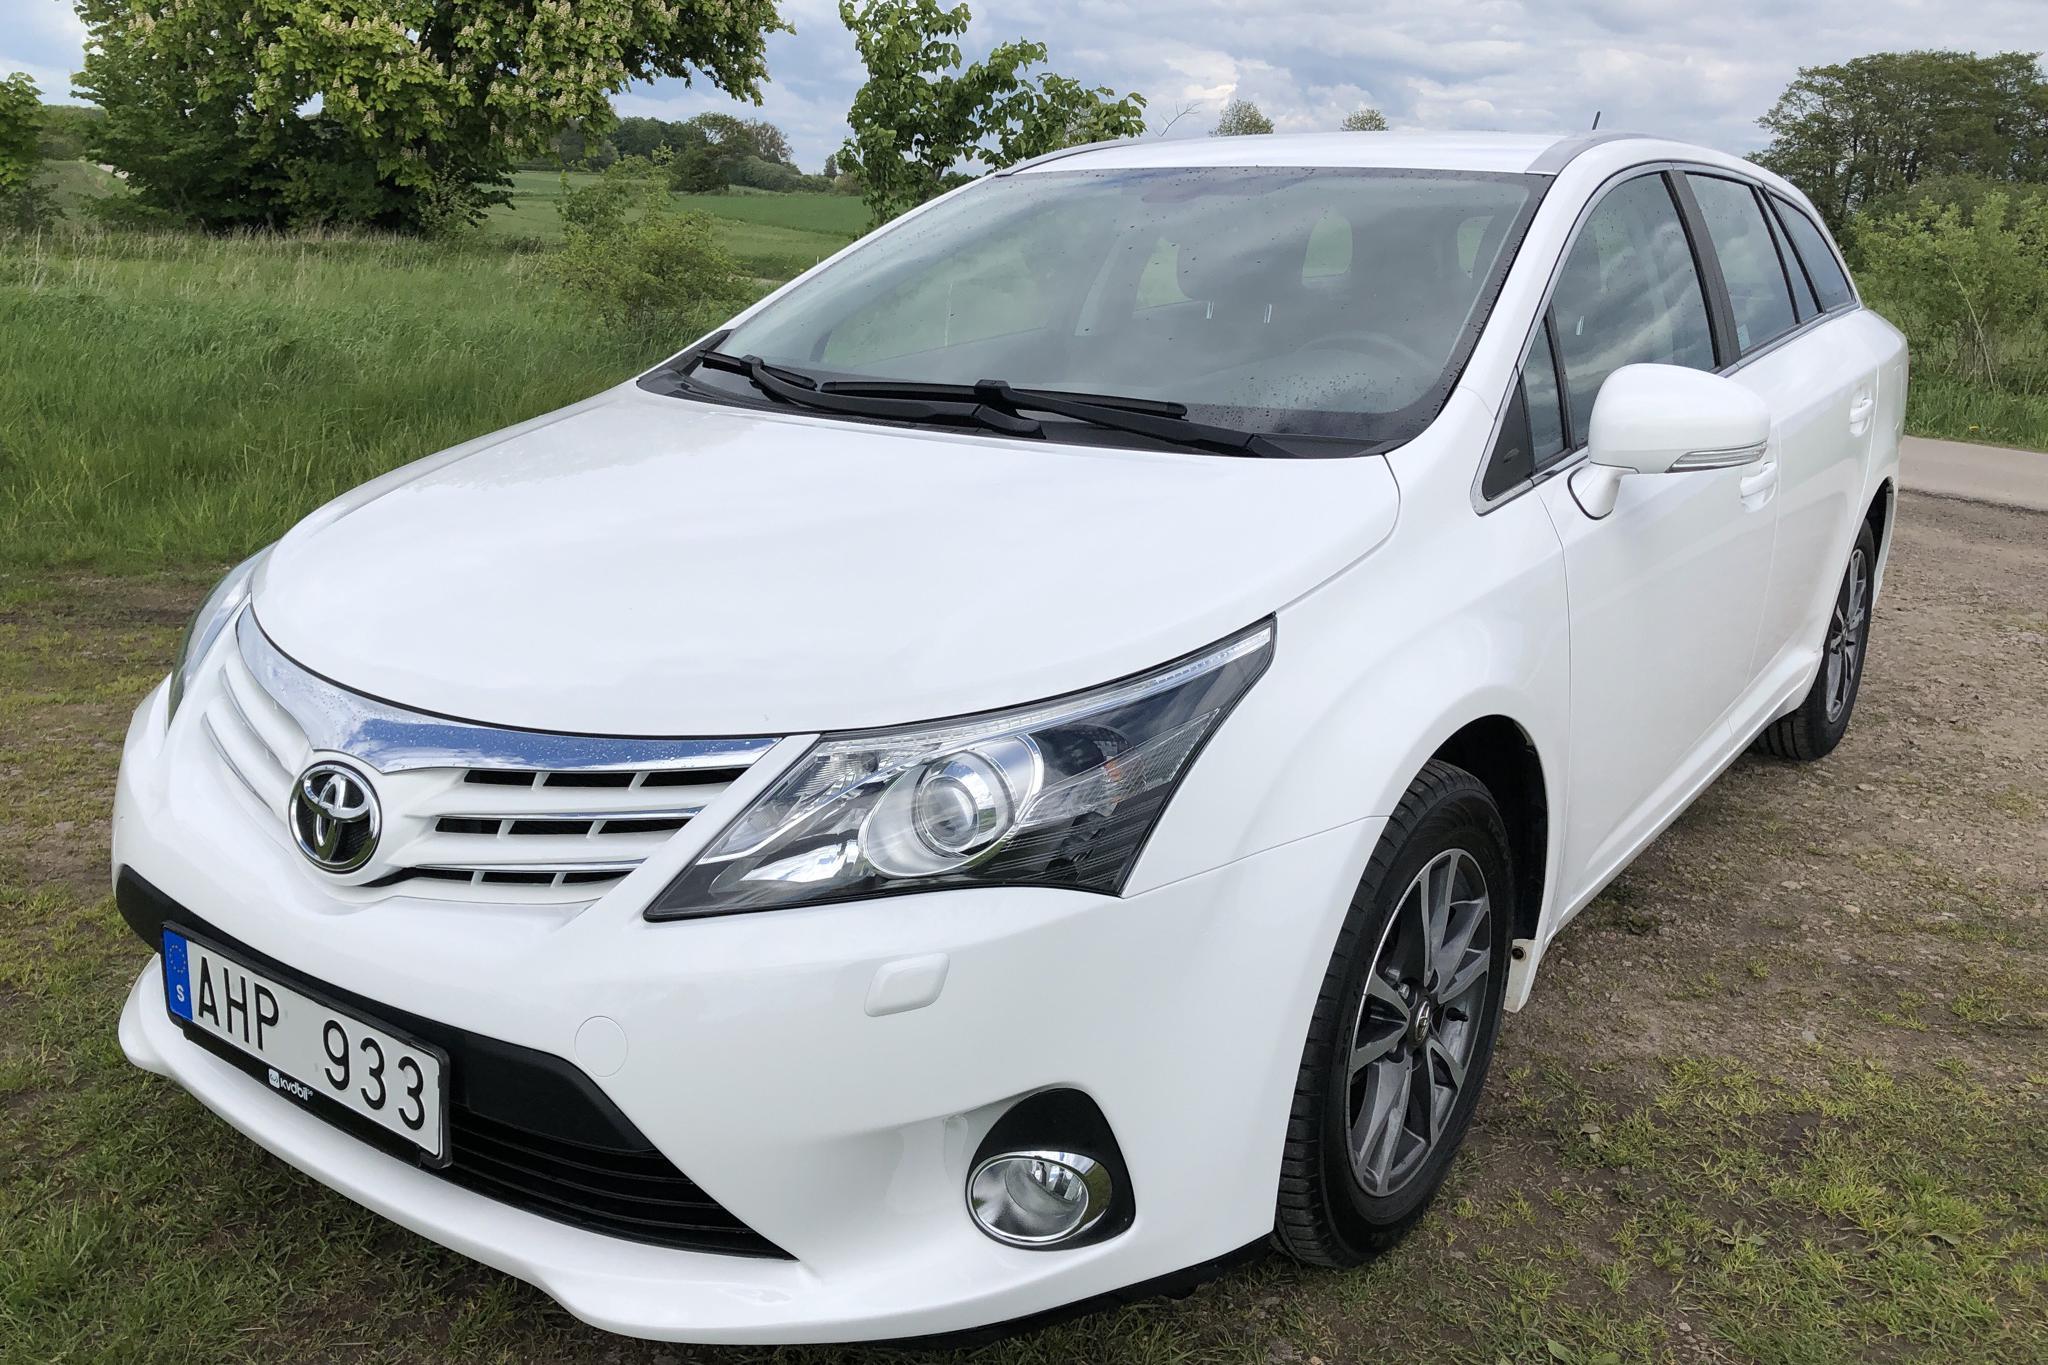 Toyota Avensis 1.8 Kombi (147hk) - 8 389 mil - Manuell - vit - 2013